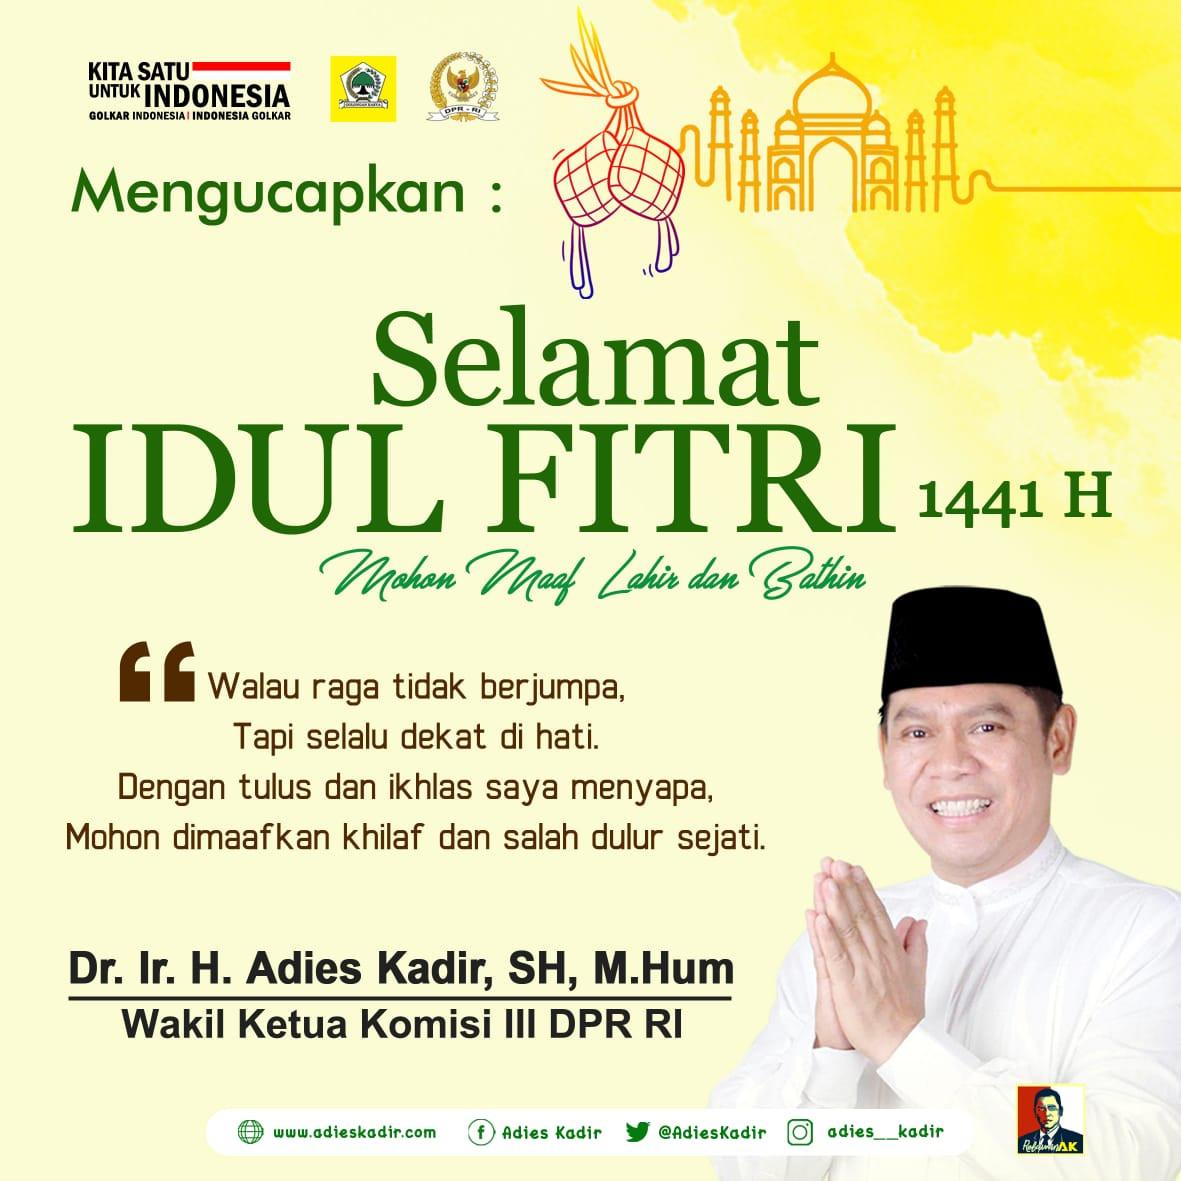 Idul Fitri 1441H Adies Kadir